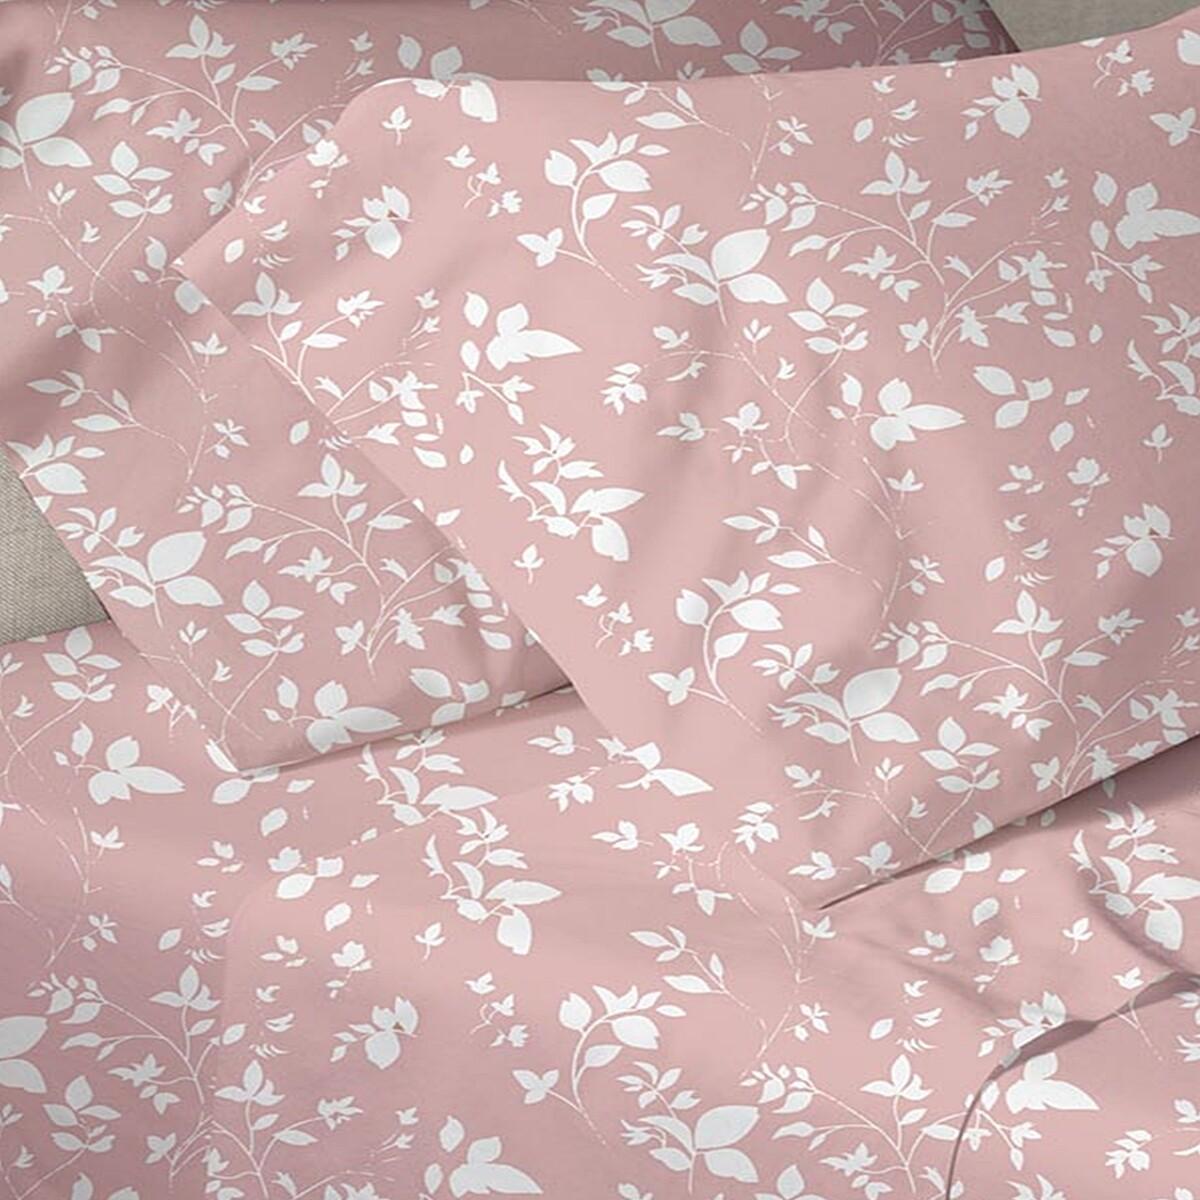 Μαξιλαροθήκες Ζευγάρι Menta 040 Pink - Sunshine